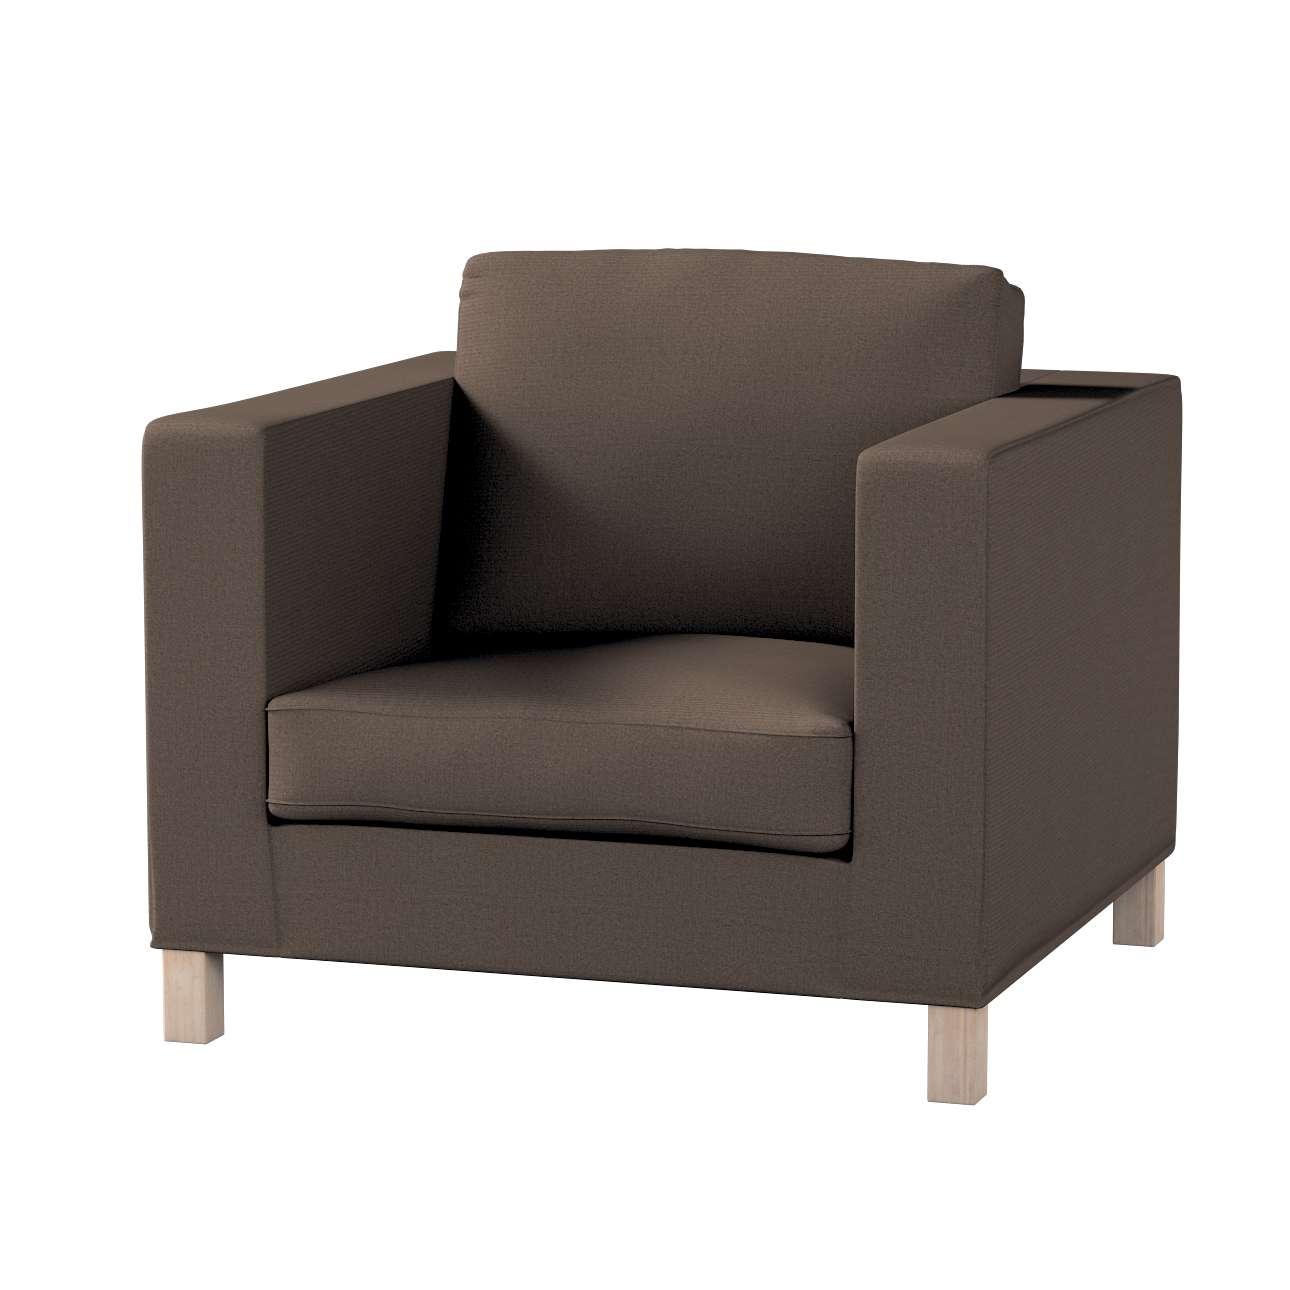 Pokrowiec na fotel Karlanda, krótki w kolekcji Etna , tkanina: 705-08